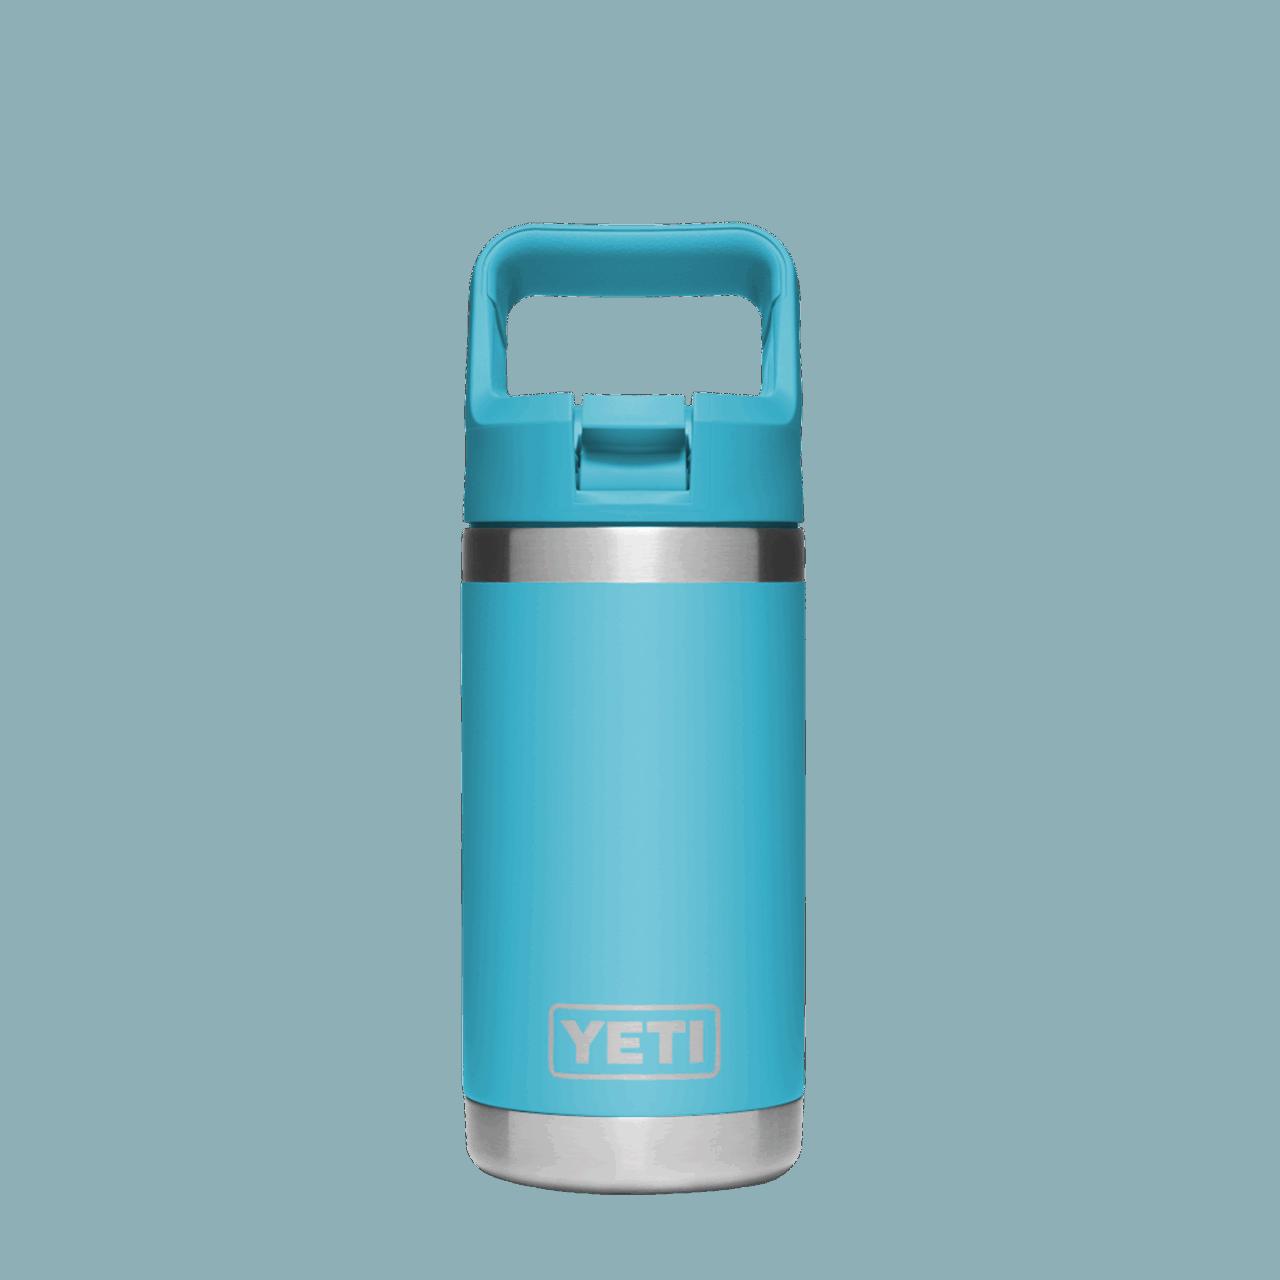 YETI Rambler Jr. 12oz (350ml) Kids Flasche - reef blue